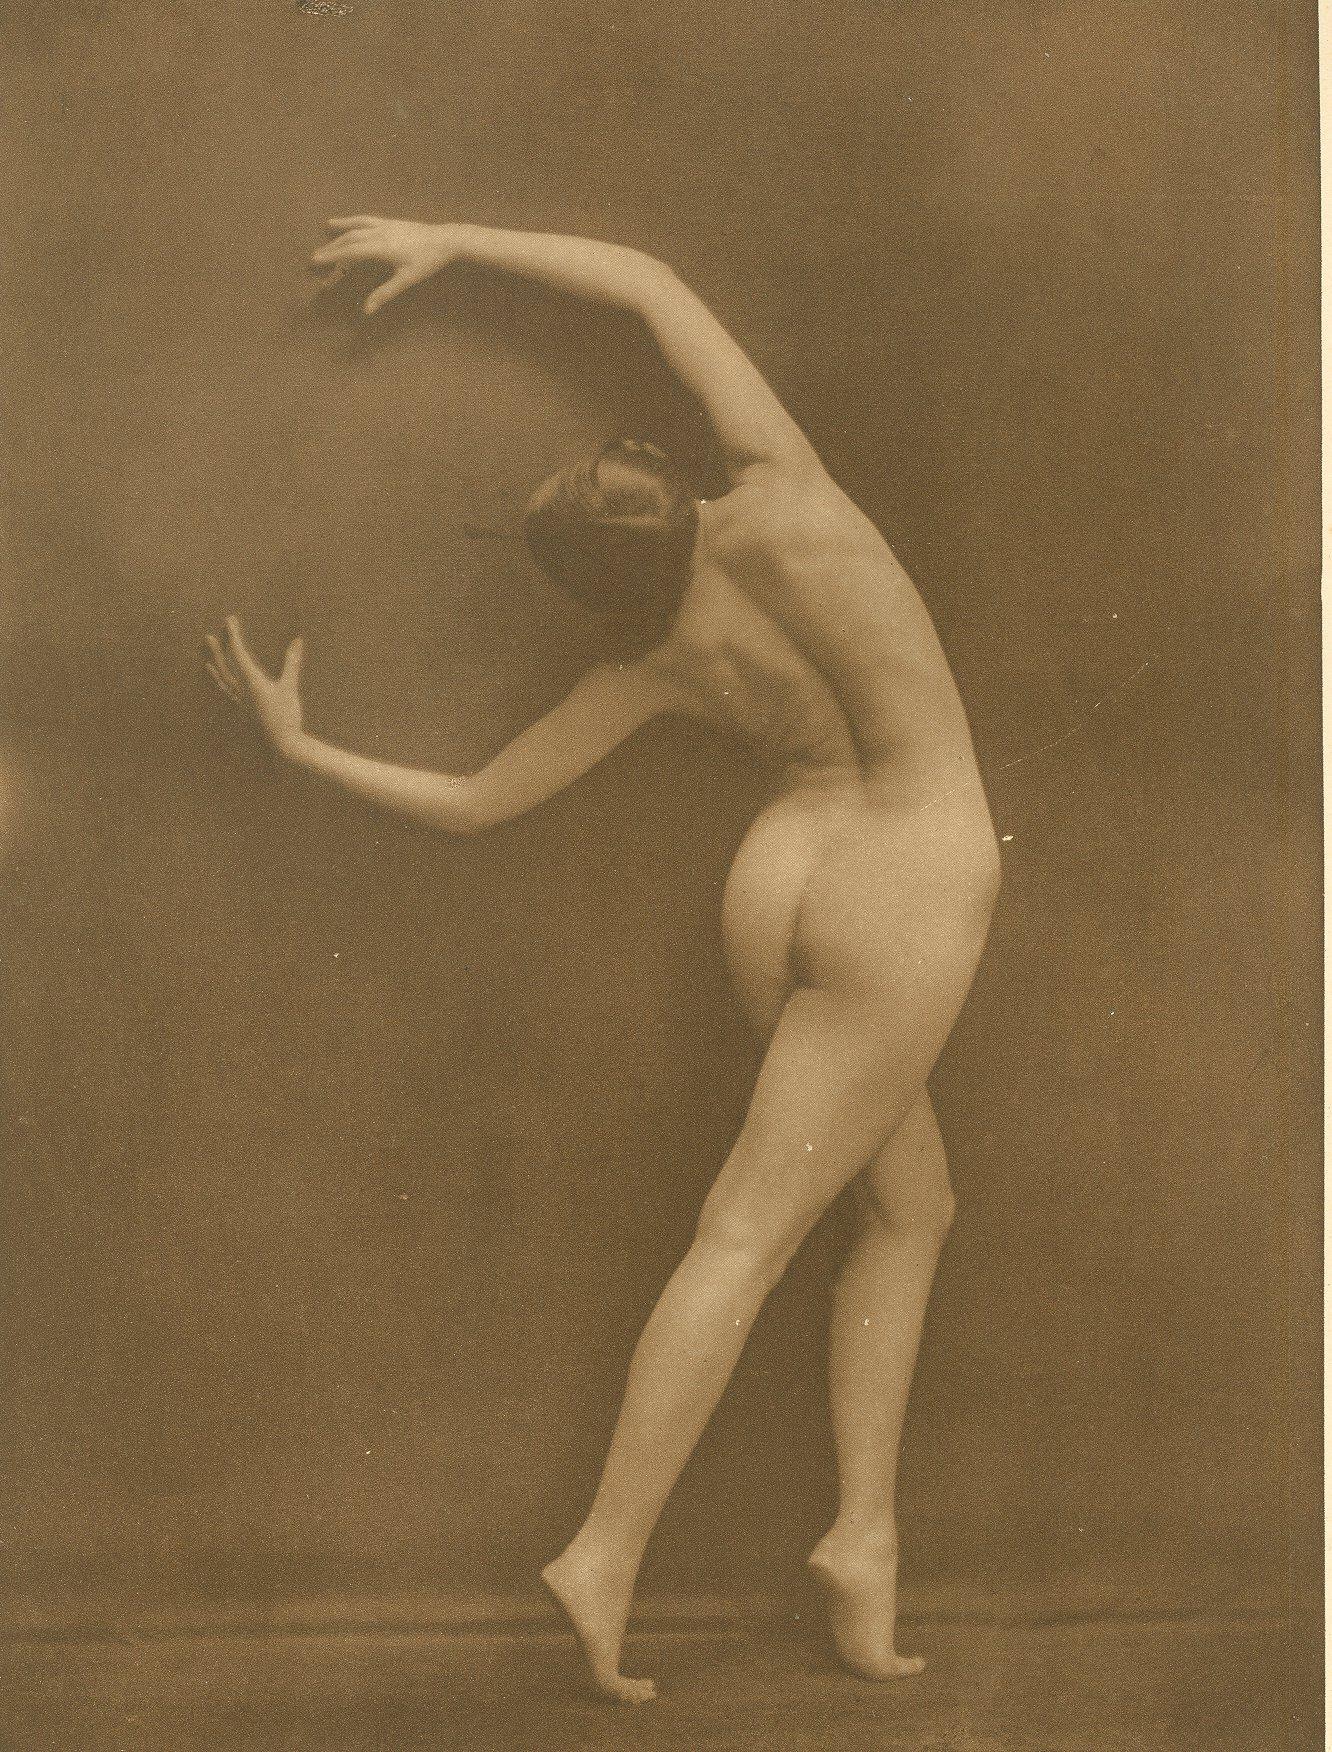 Франция порно 18 век 29 фотография